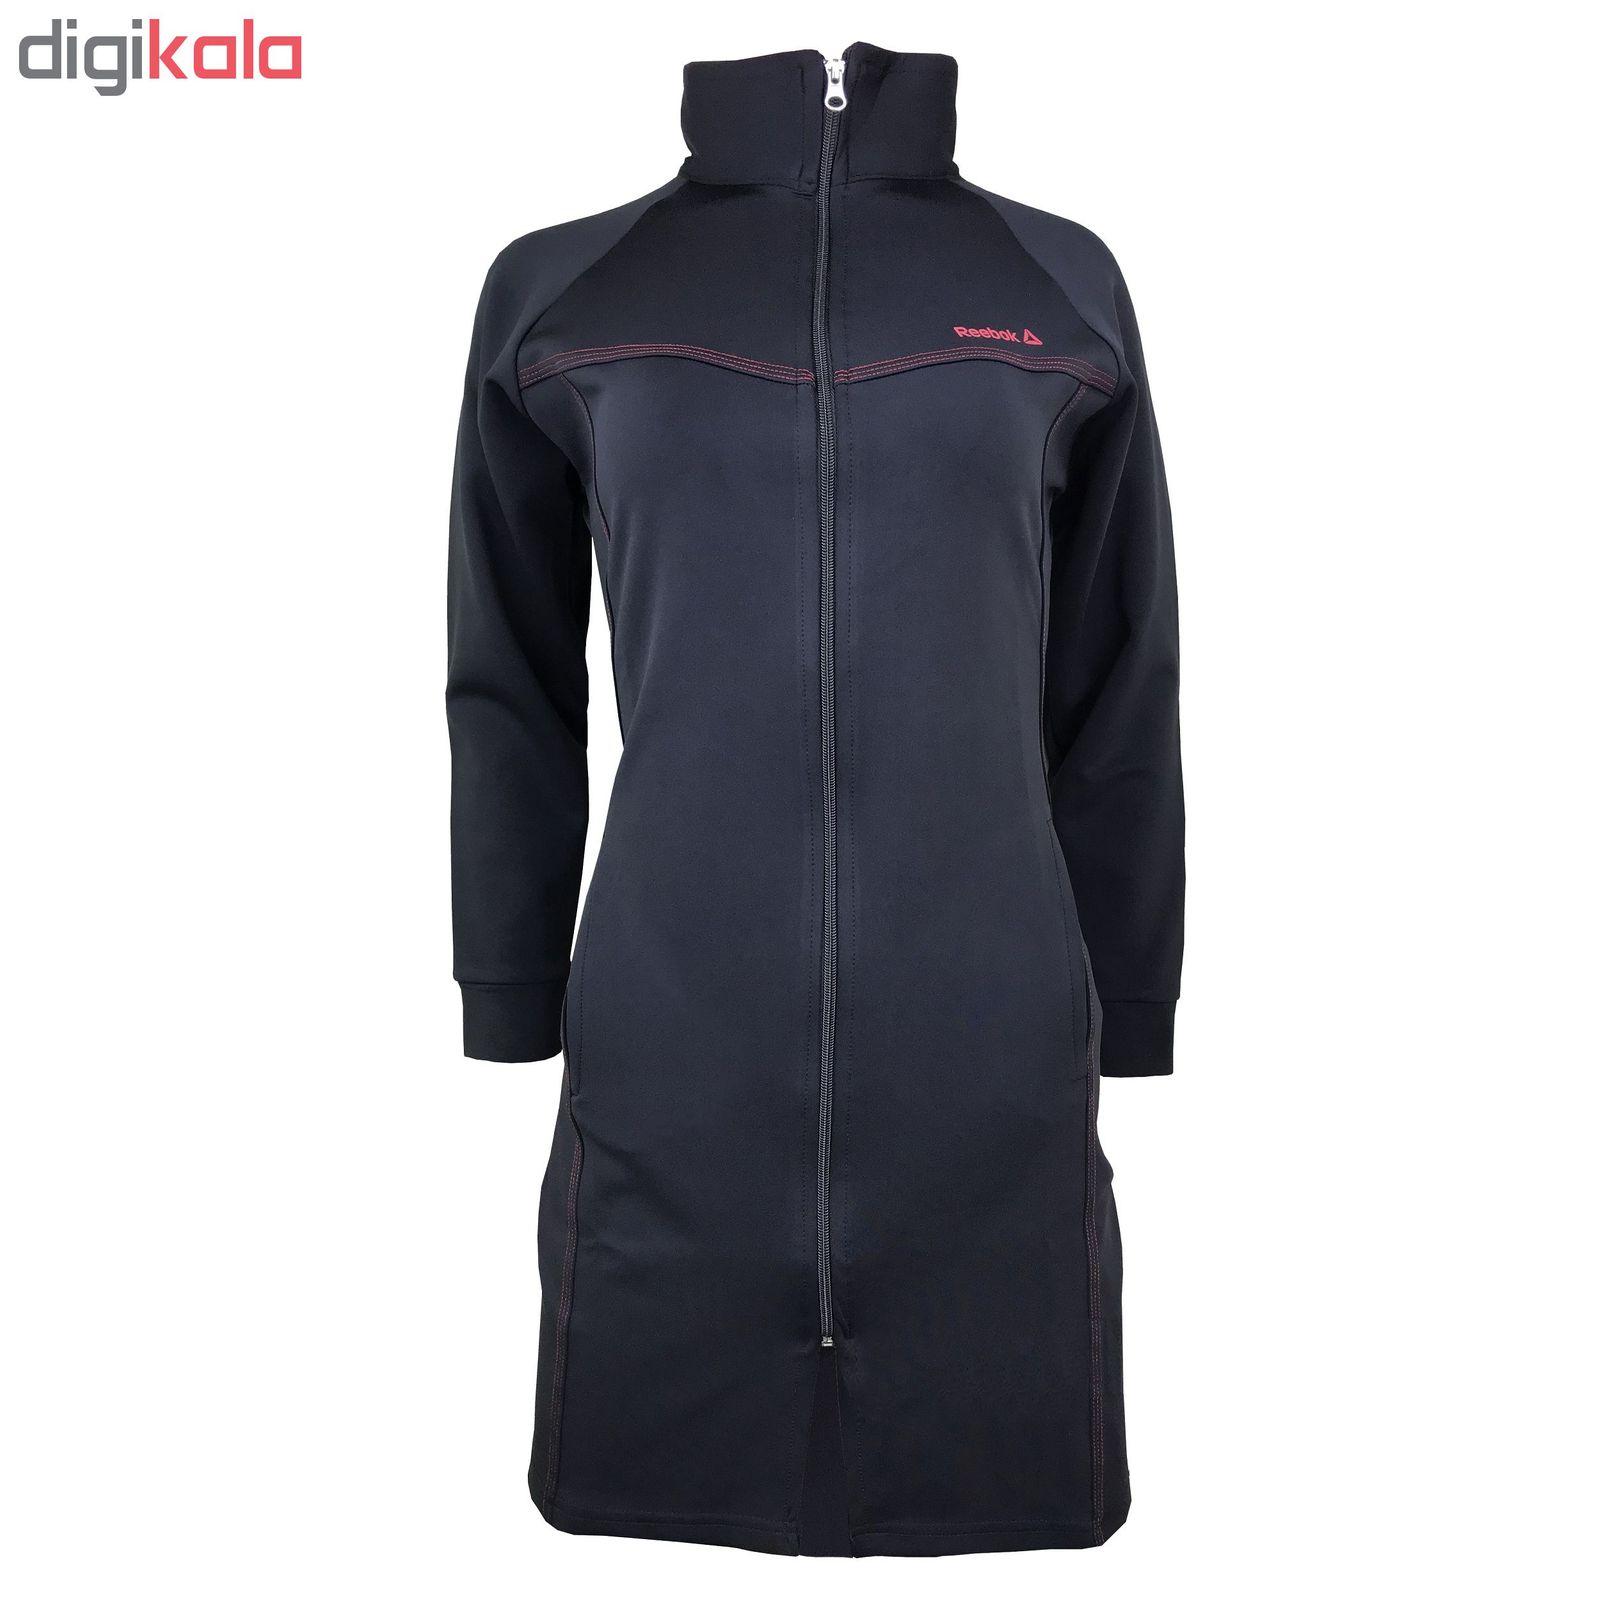 ست گرمکن و شلوار ورزشی زنانه مدل R-BL100 main 1 3